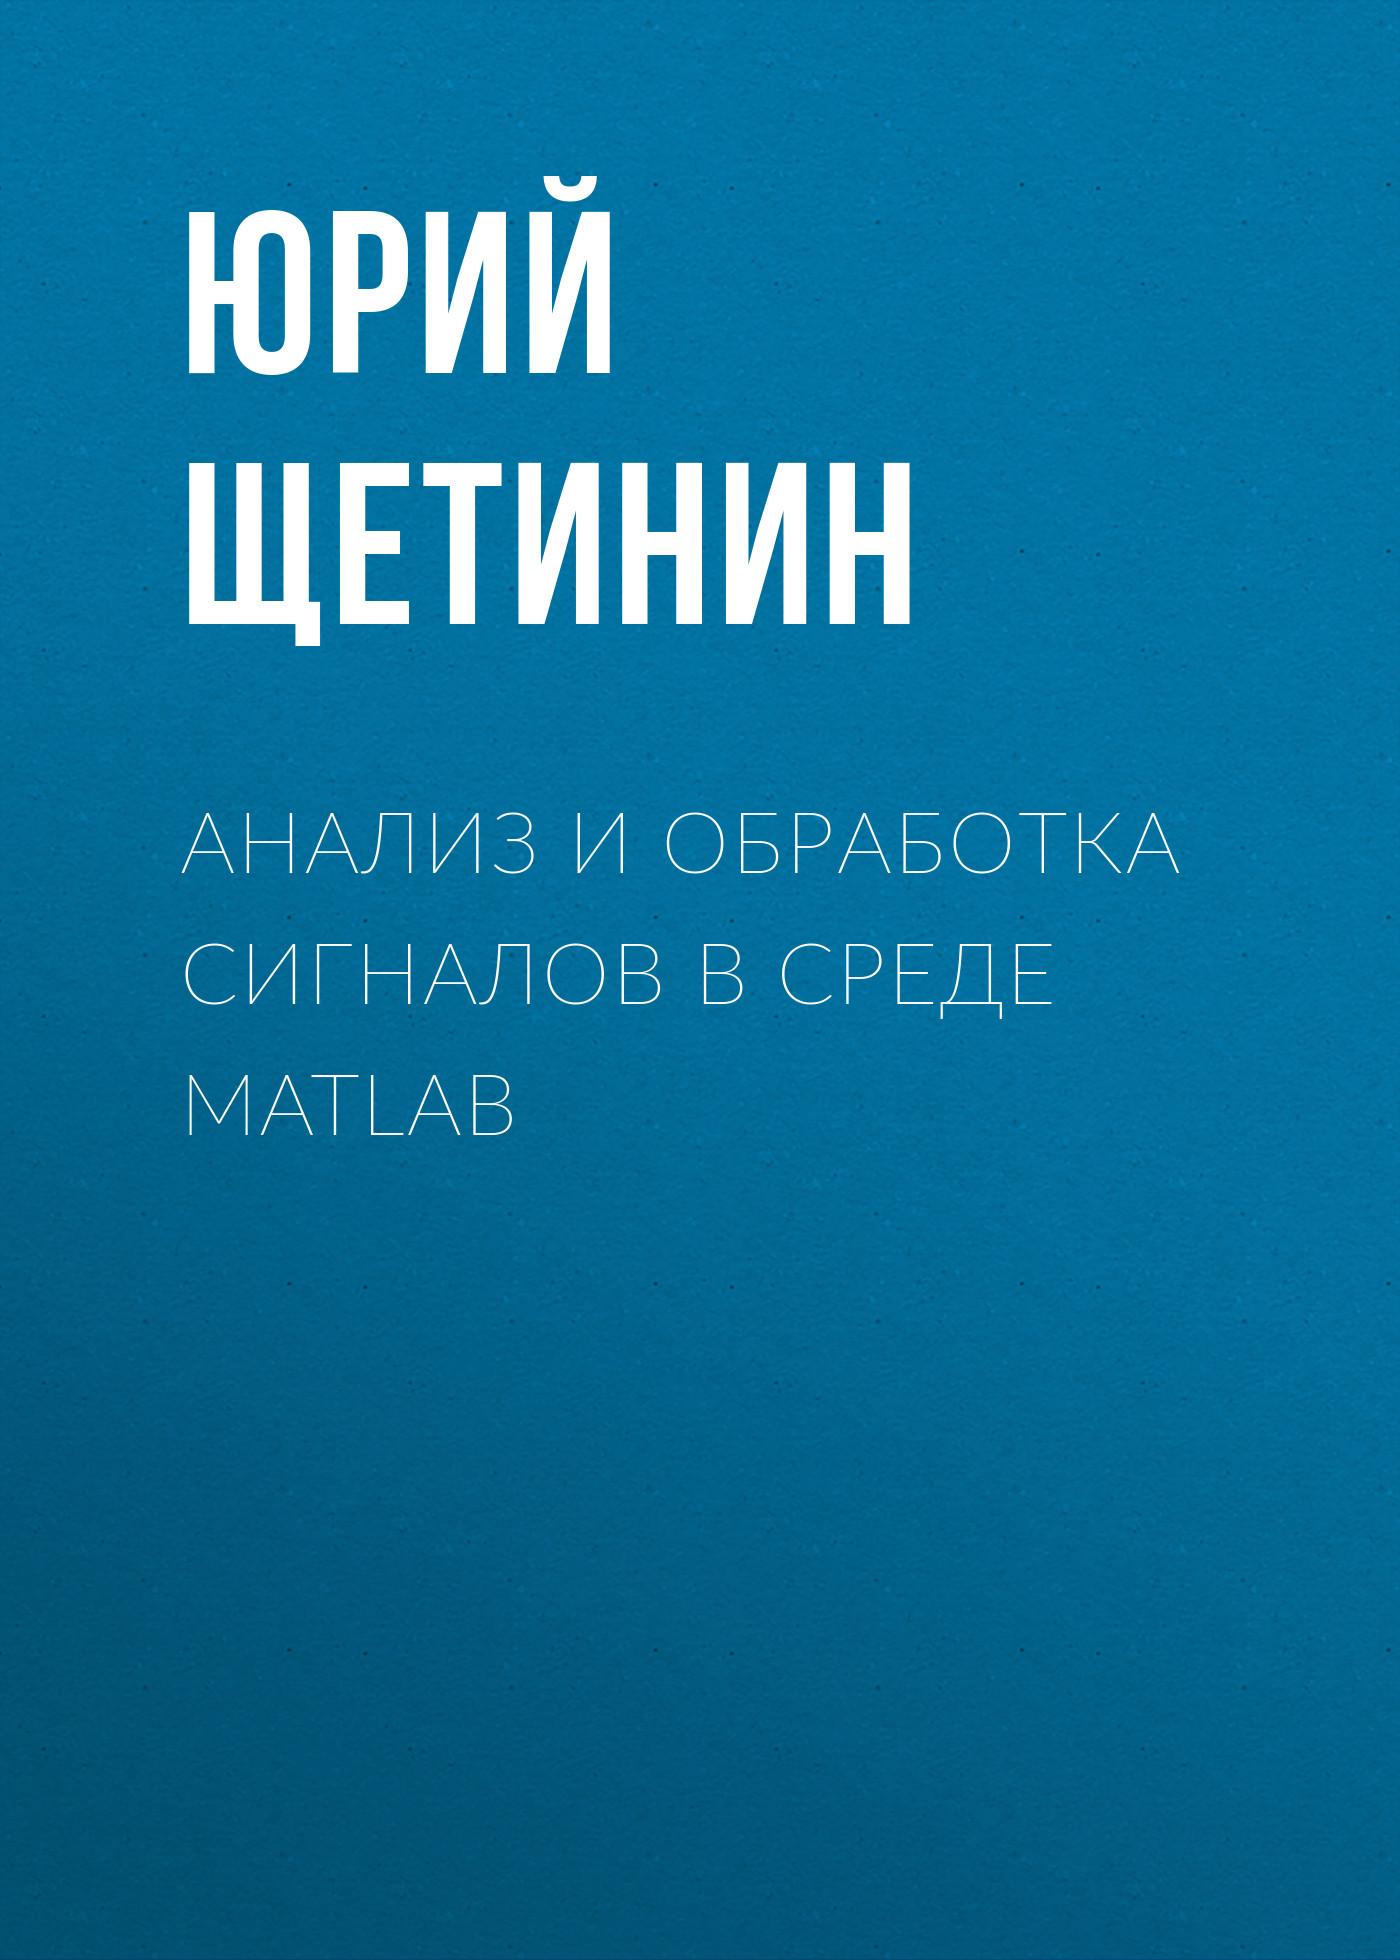 Юрий Щетинин Анализ и обработка сигналов в среде MATLAB сумка женская kentucky темно синяя